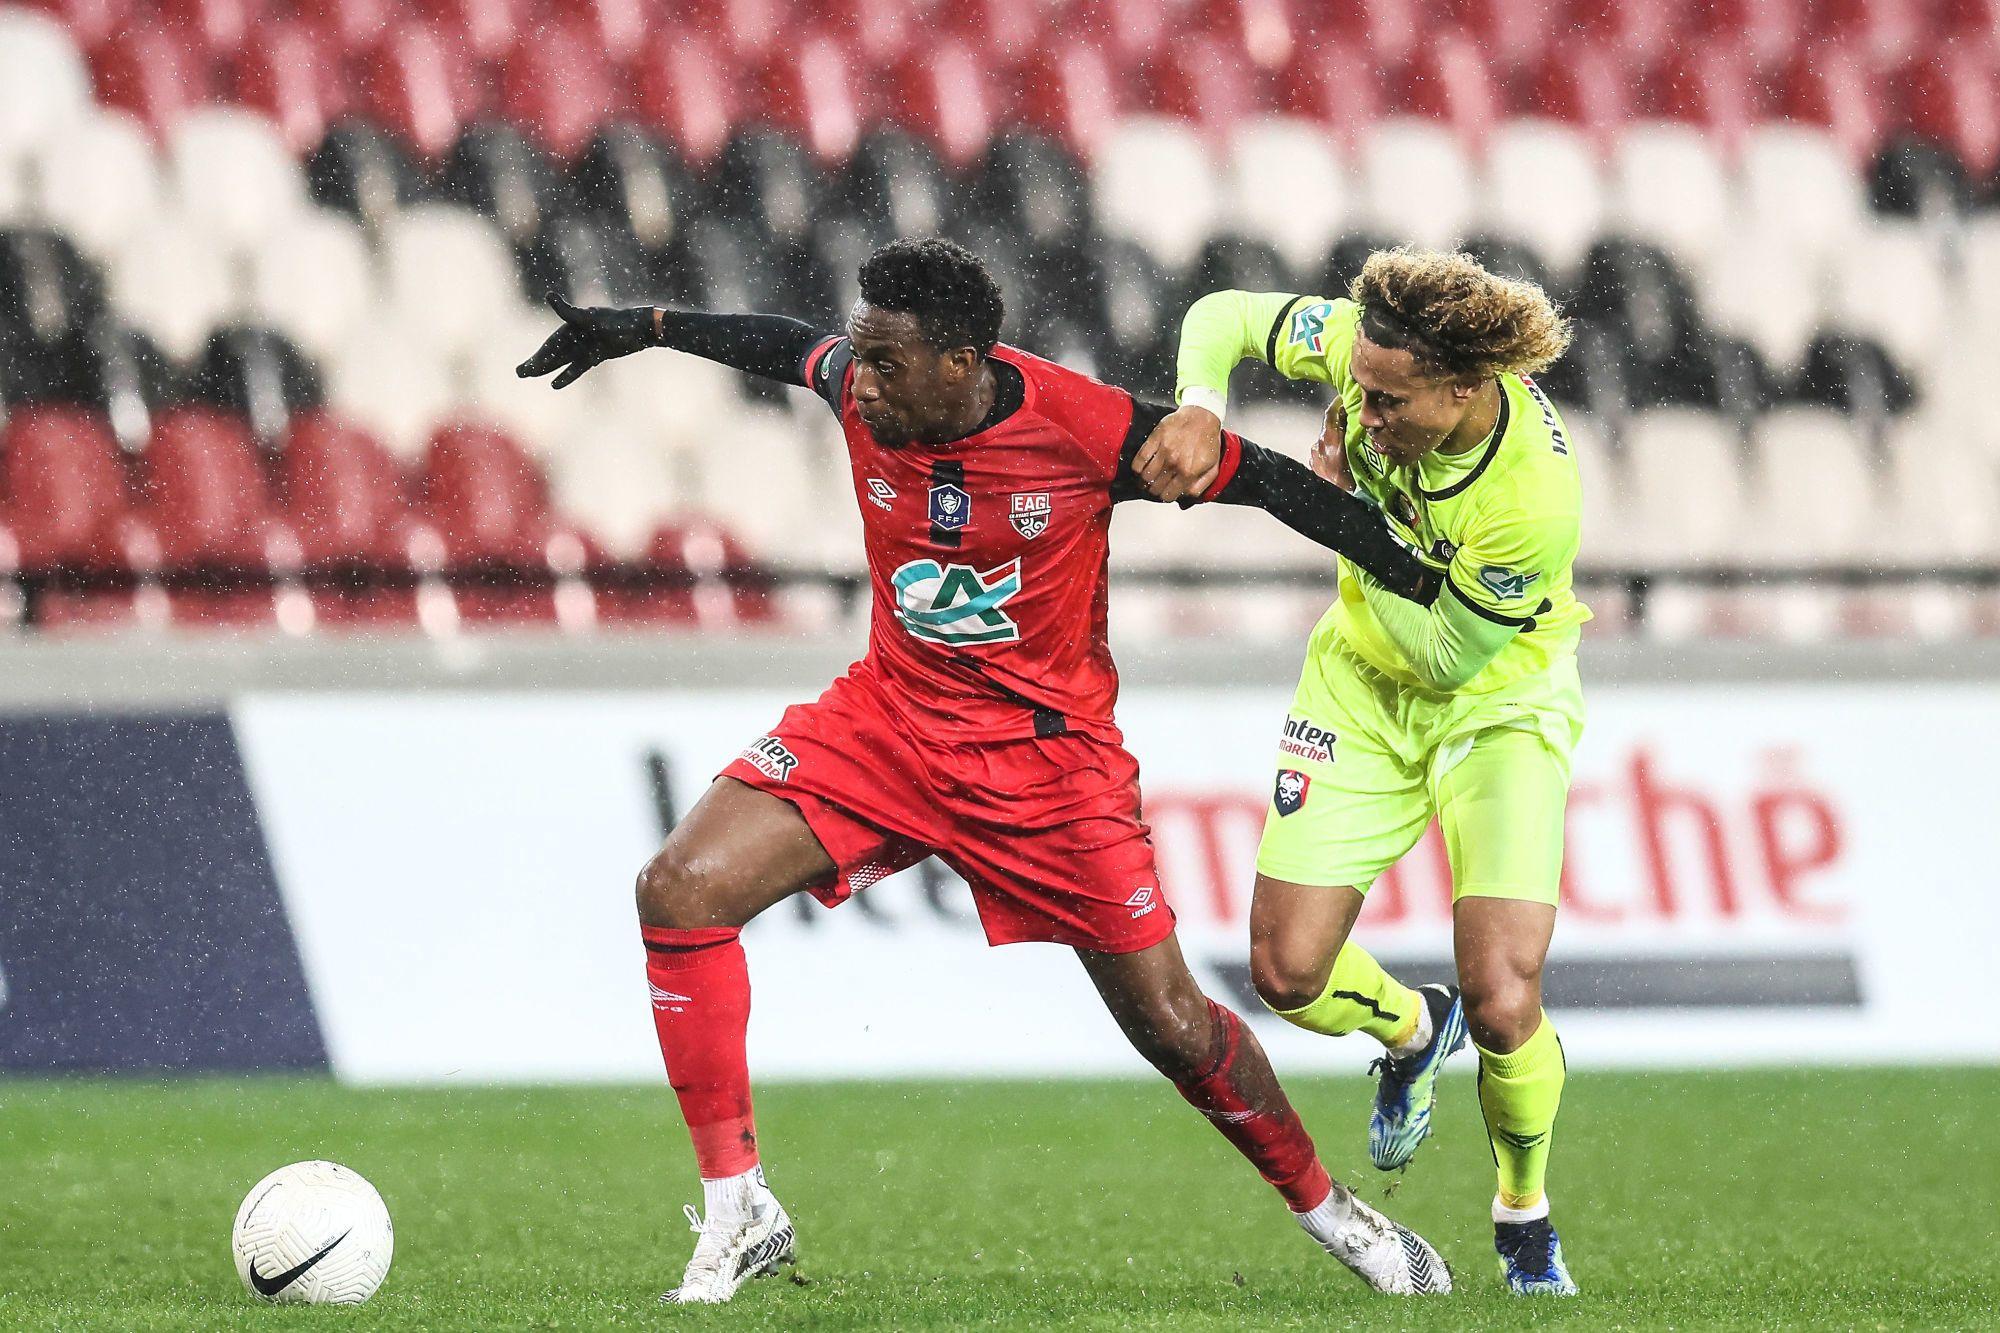 Pronostics Guingamp – Caen : « Les deux équipes vont d'abord s'appliquer derrière »